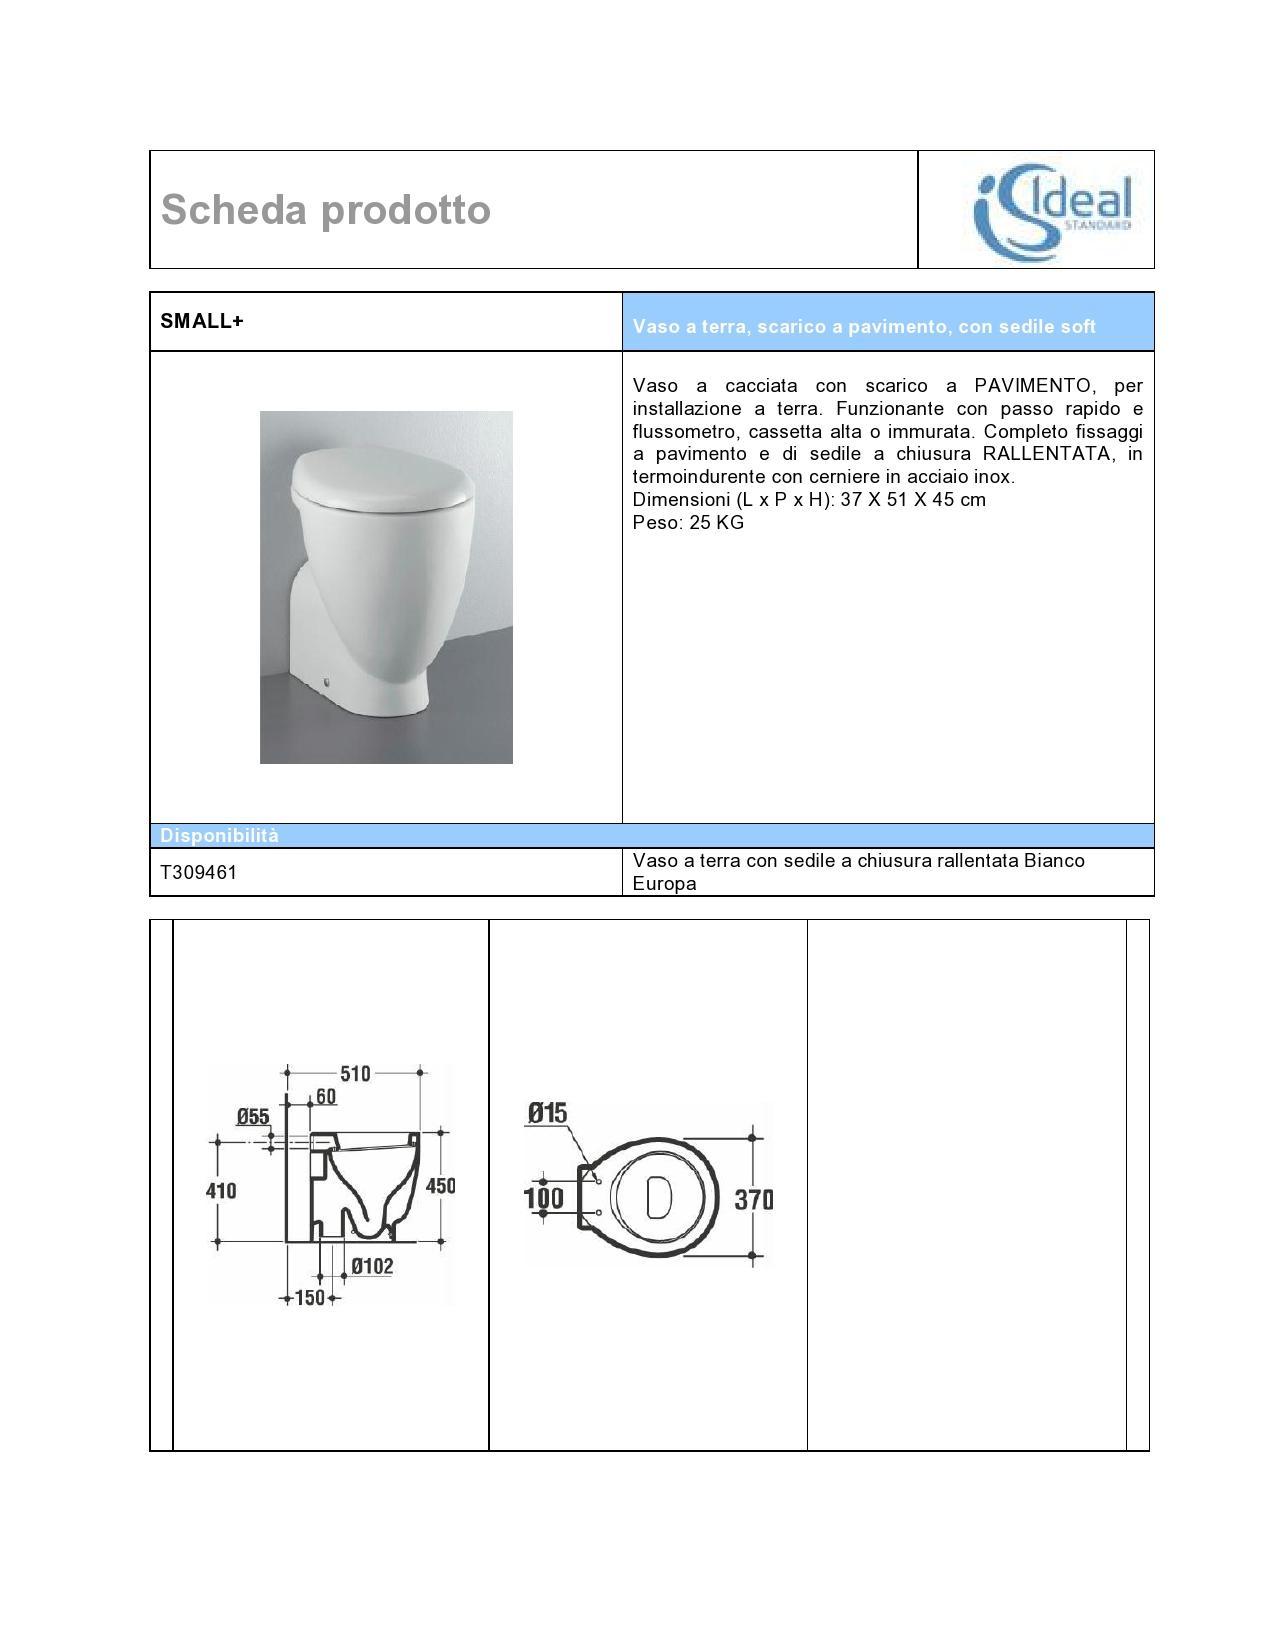 Ideal standard small tutte le offerte cascare a fagiolo for Calla ideal standard scheda tecnica